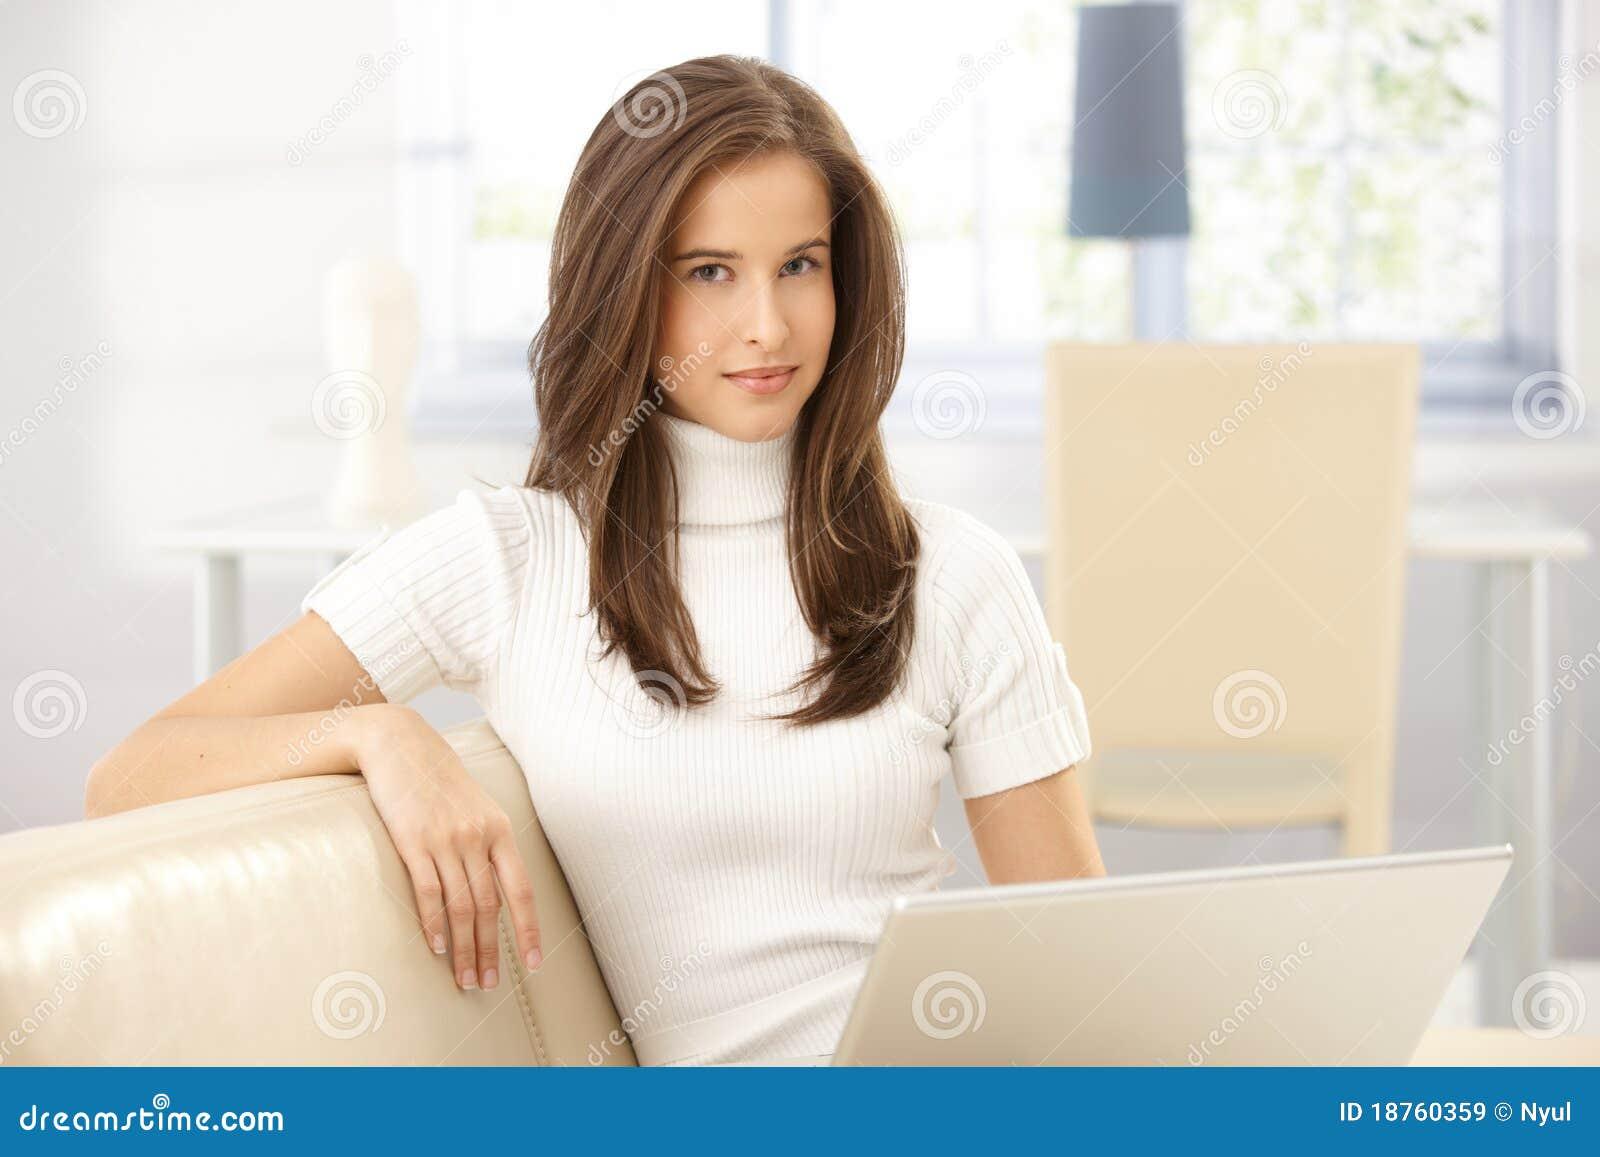 Portrait der hübschen Frau auf Sofa